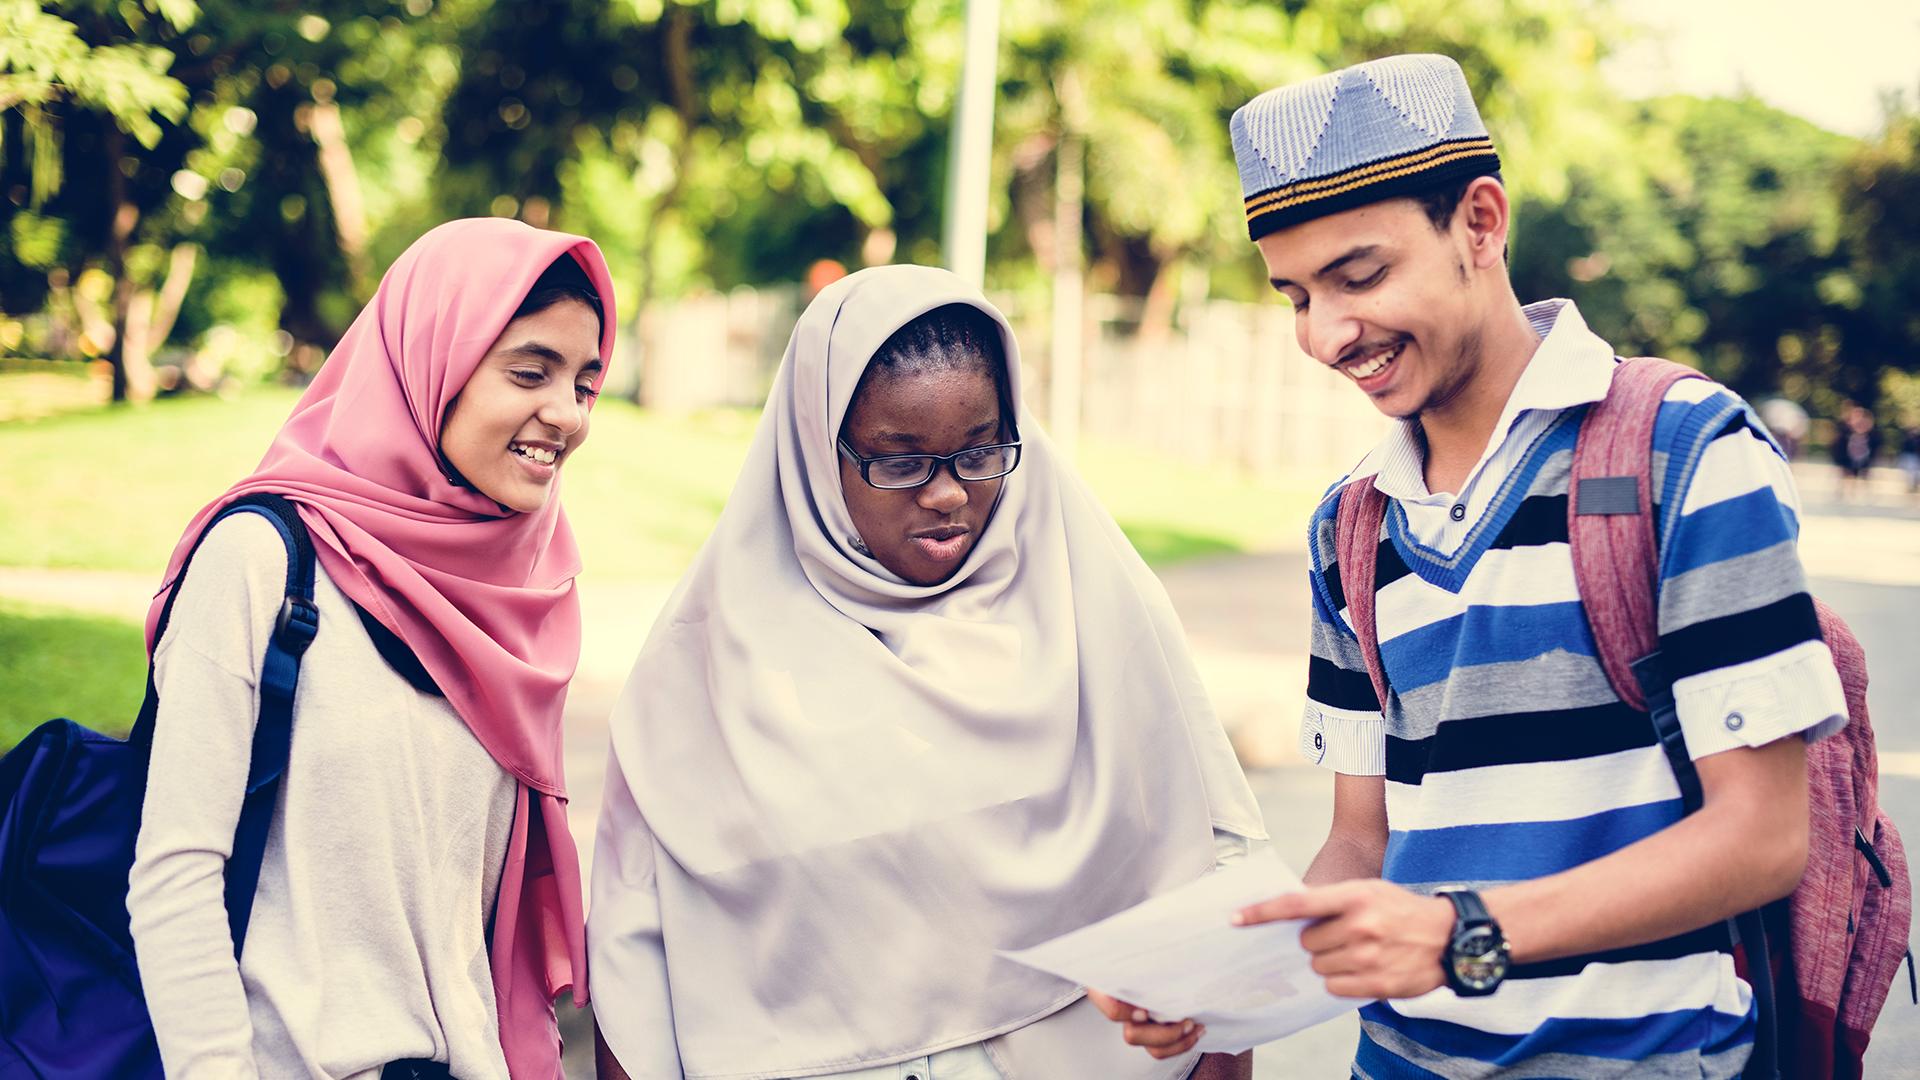 Hình ảnh về nhóm đa dạng gồm hai phụ nữ trẻ đang đội khăn trùm đầu và một nam thanh niên đội mũ đang nhìn vào một tờ giấy.